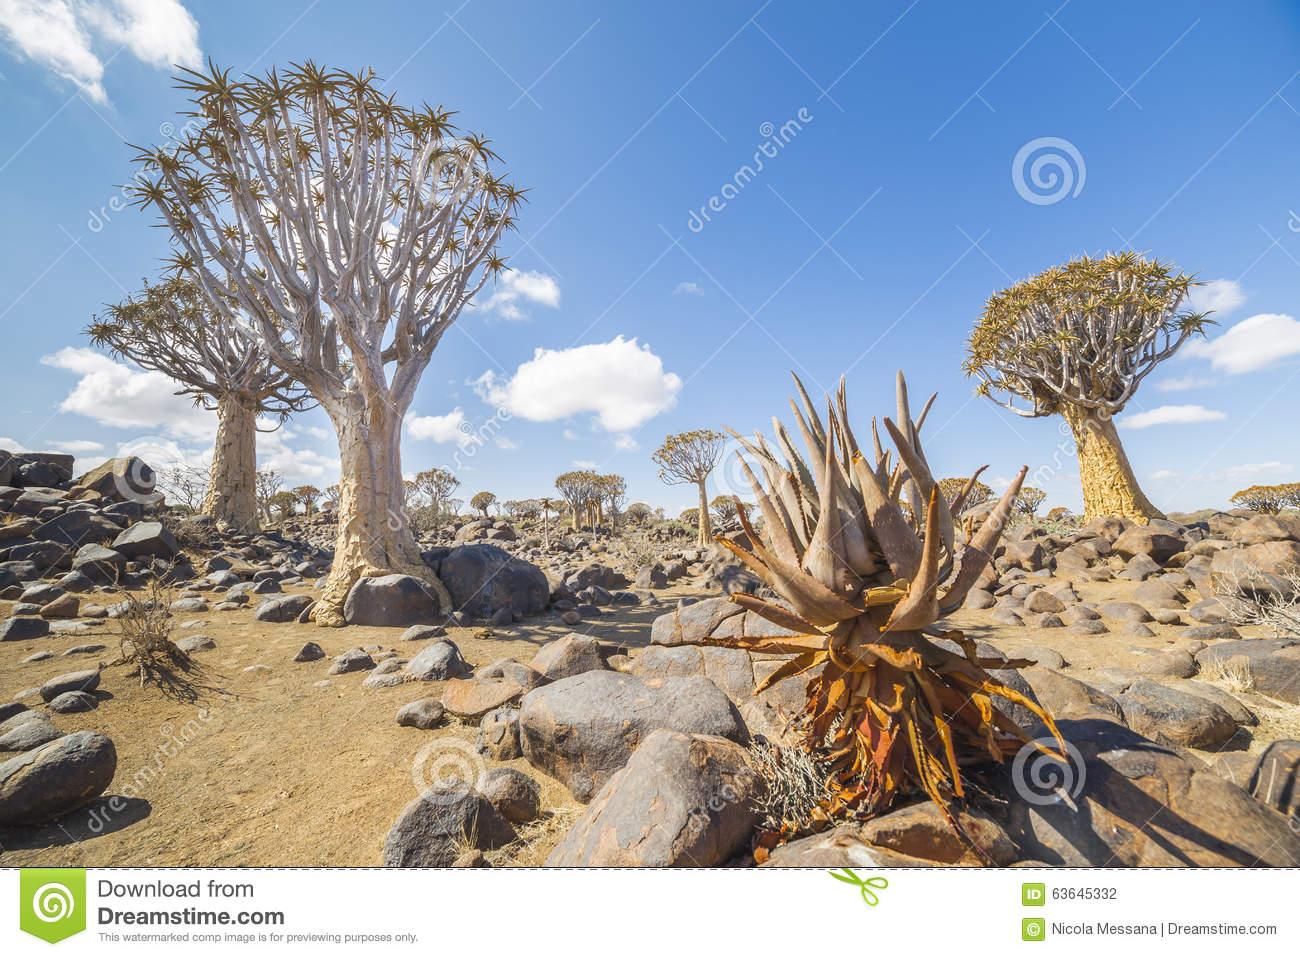 Aloe Khamiesensis And Quiver Tree, Or Aloe Dichotoma, Or Kokerbo.